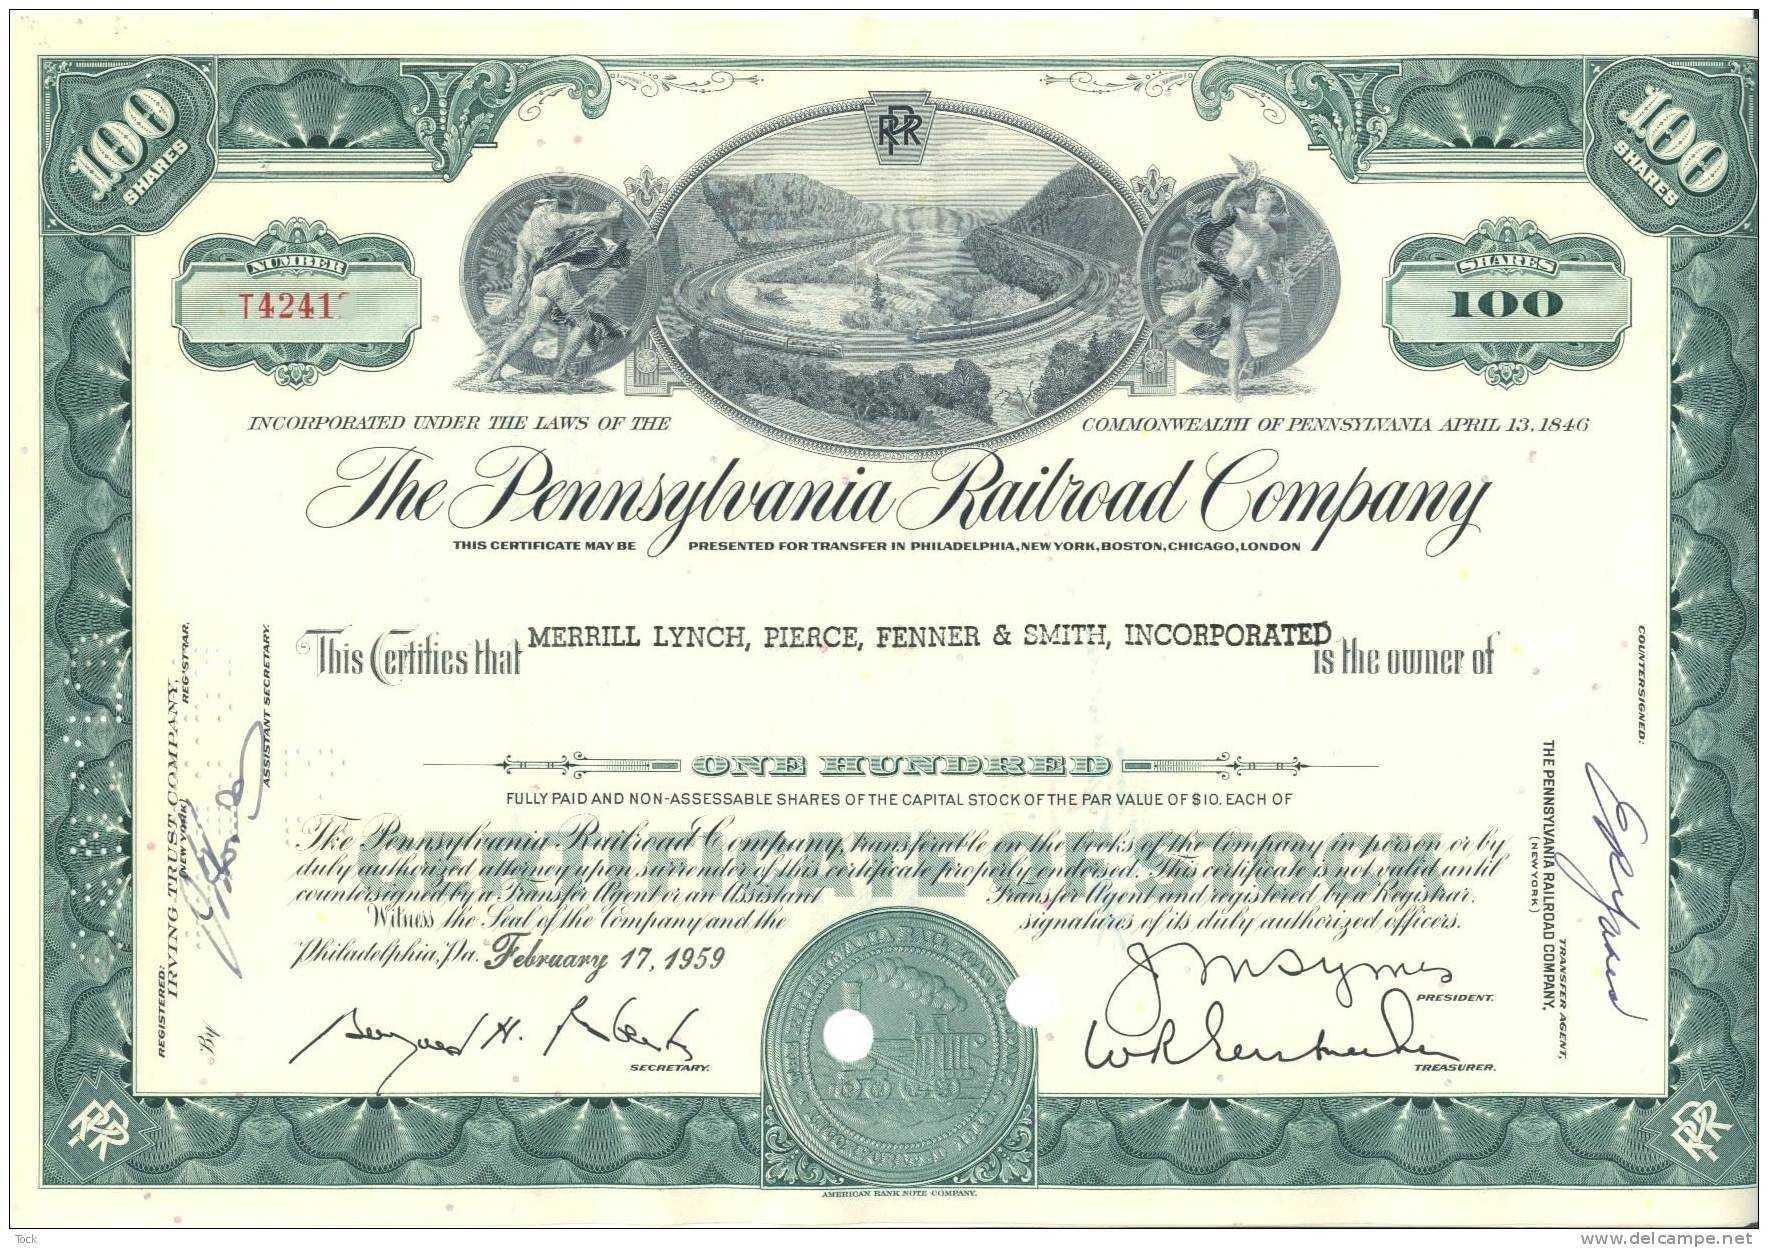 Corporate Bond Certificate Template - Carlynstudio Regarding Corporate Bond Certificate Template